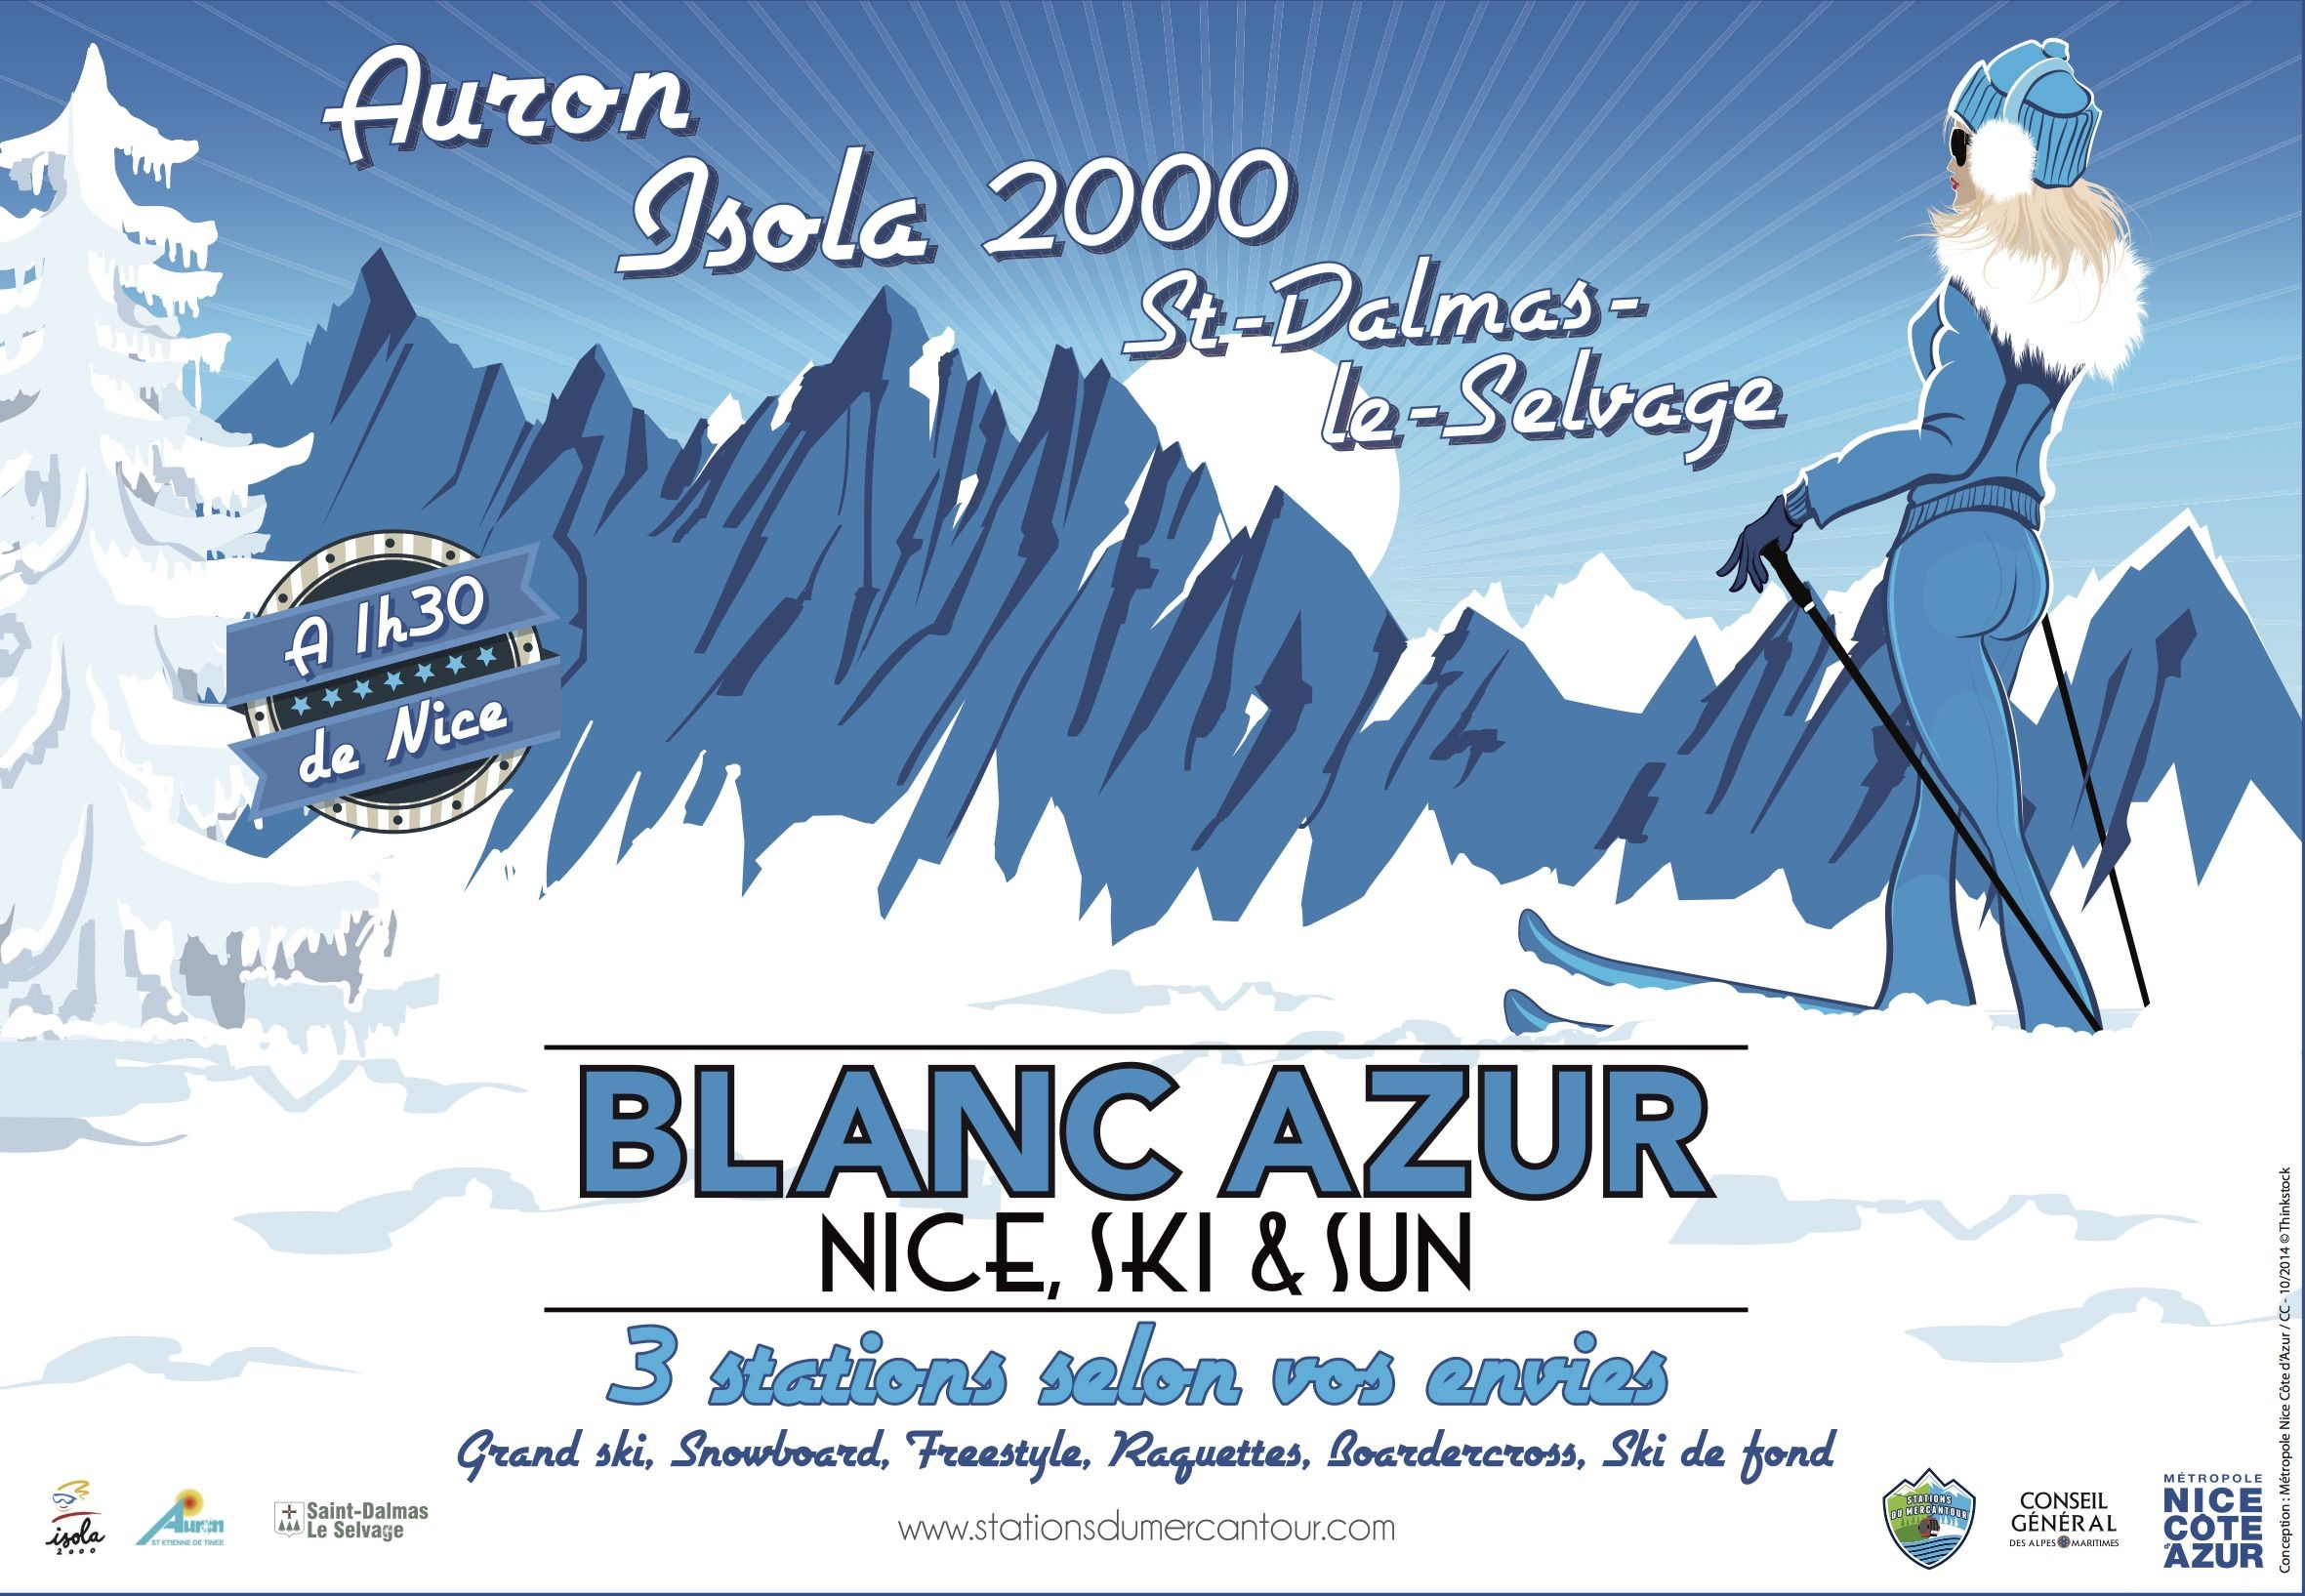 Campagne stations du Mercantour set de table en accompagnement d'une campagne d'affichage afin de promouvoir les stations de #ski du #Mercantour.